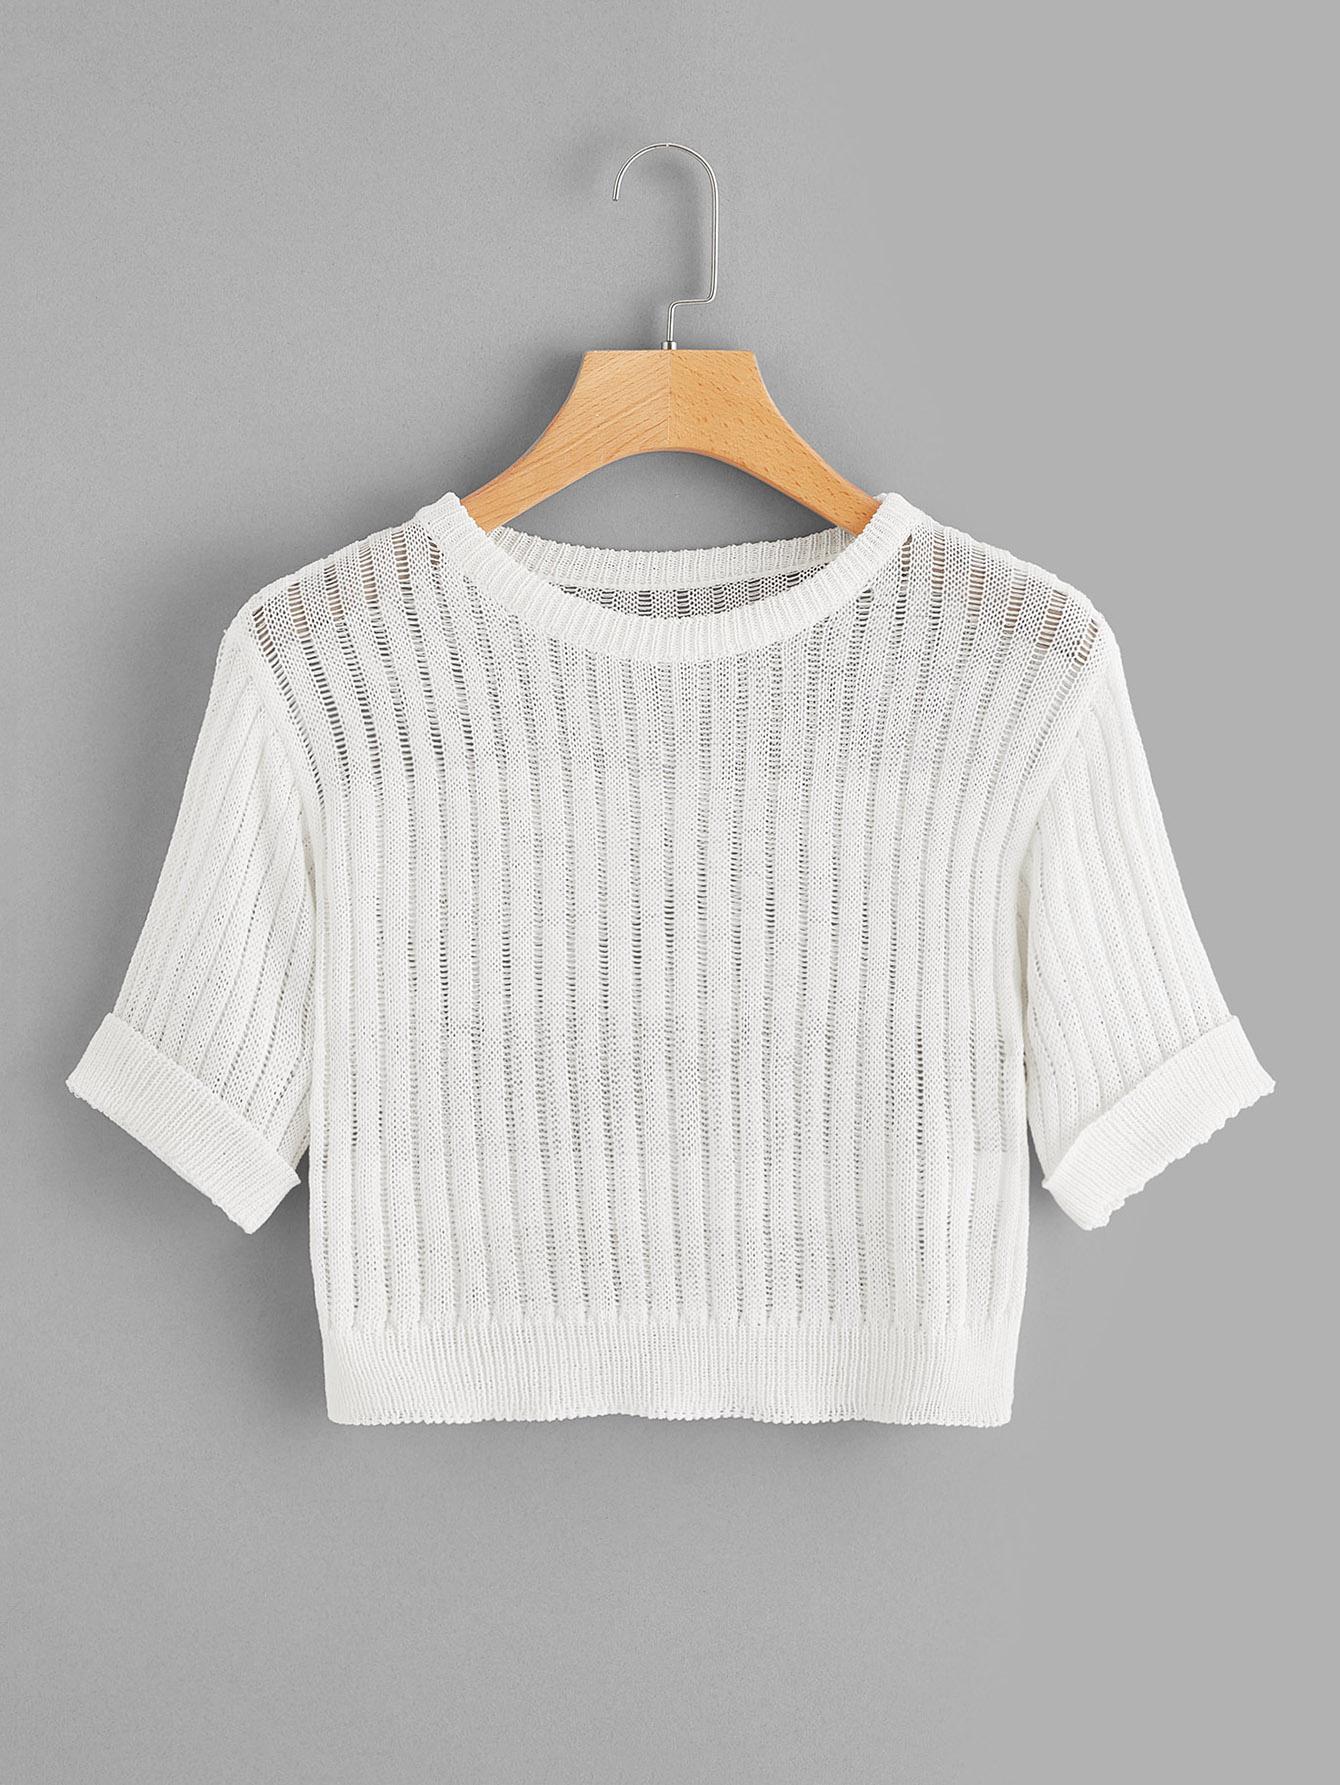 Купить Трикотажный укороченный свитер с отворачивающимся манжетой, null, SheIn